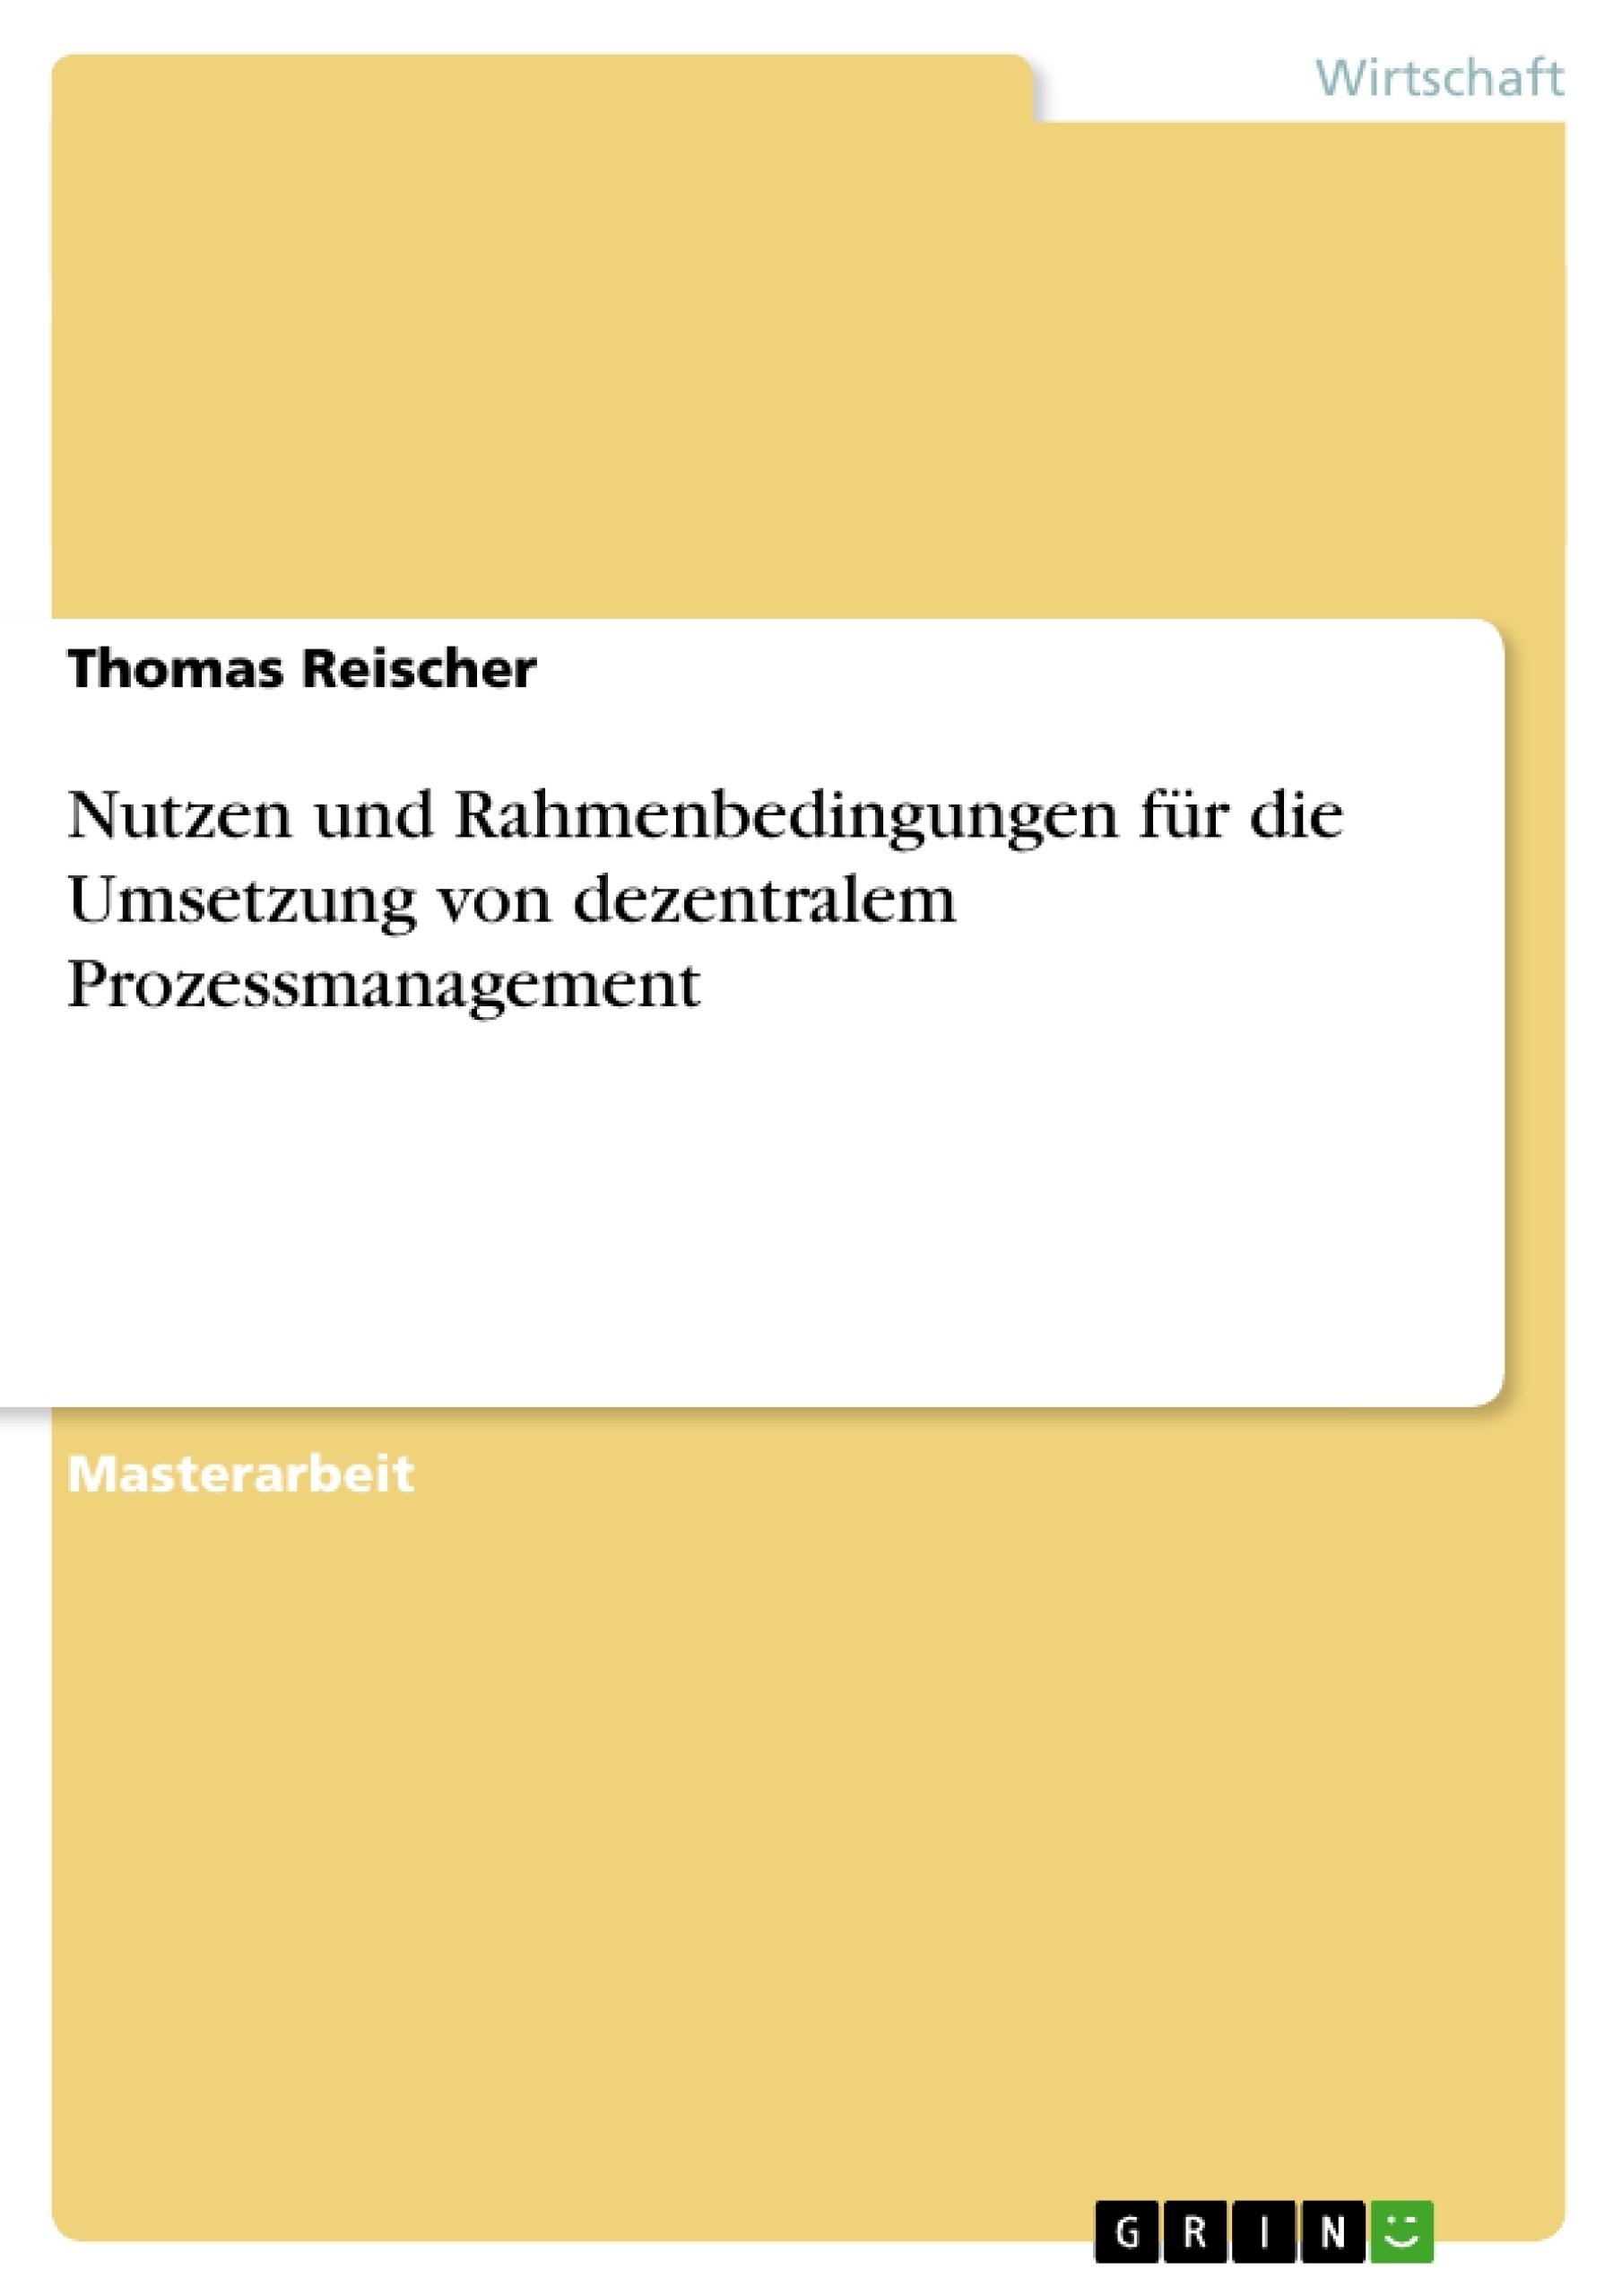 Titel: Nutzen und Rahmenbedingungen für die Umsetzung von dezentralem Prozessmanagement